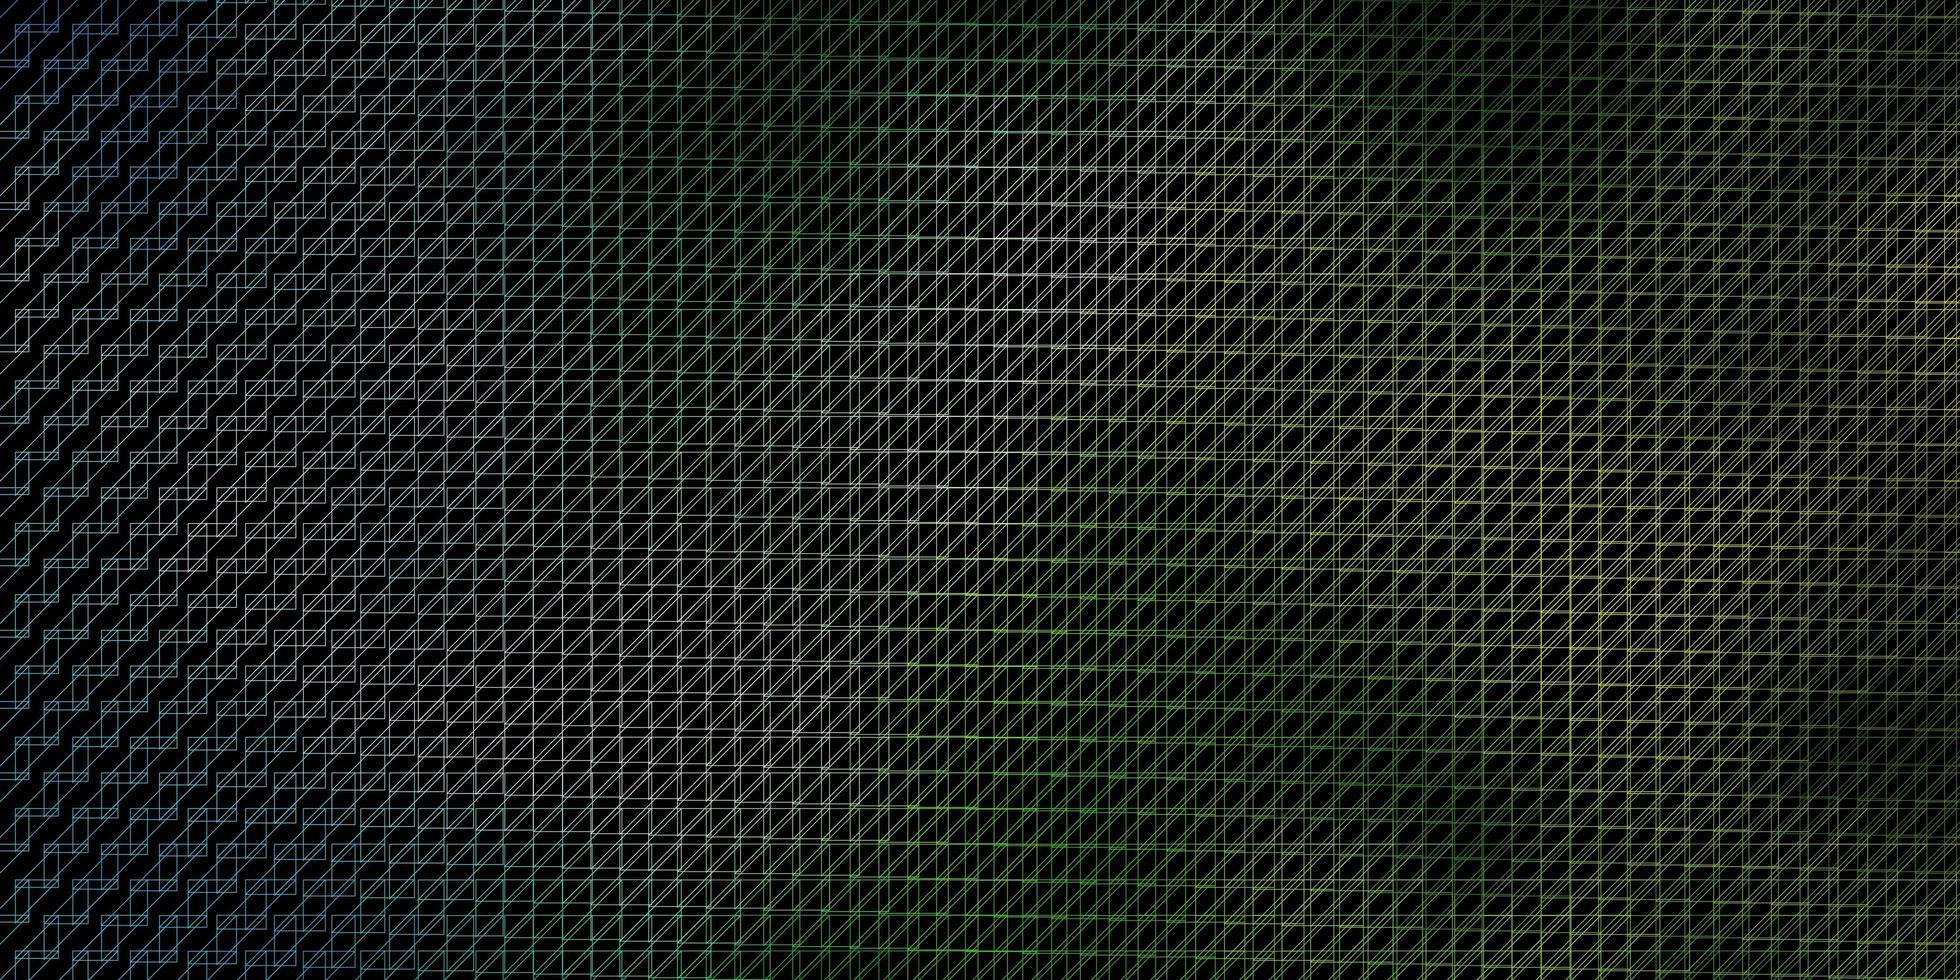 dunkelblauer, grüner Vektorhintergrund mit Linien. vektor